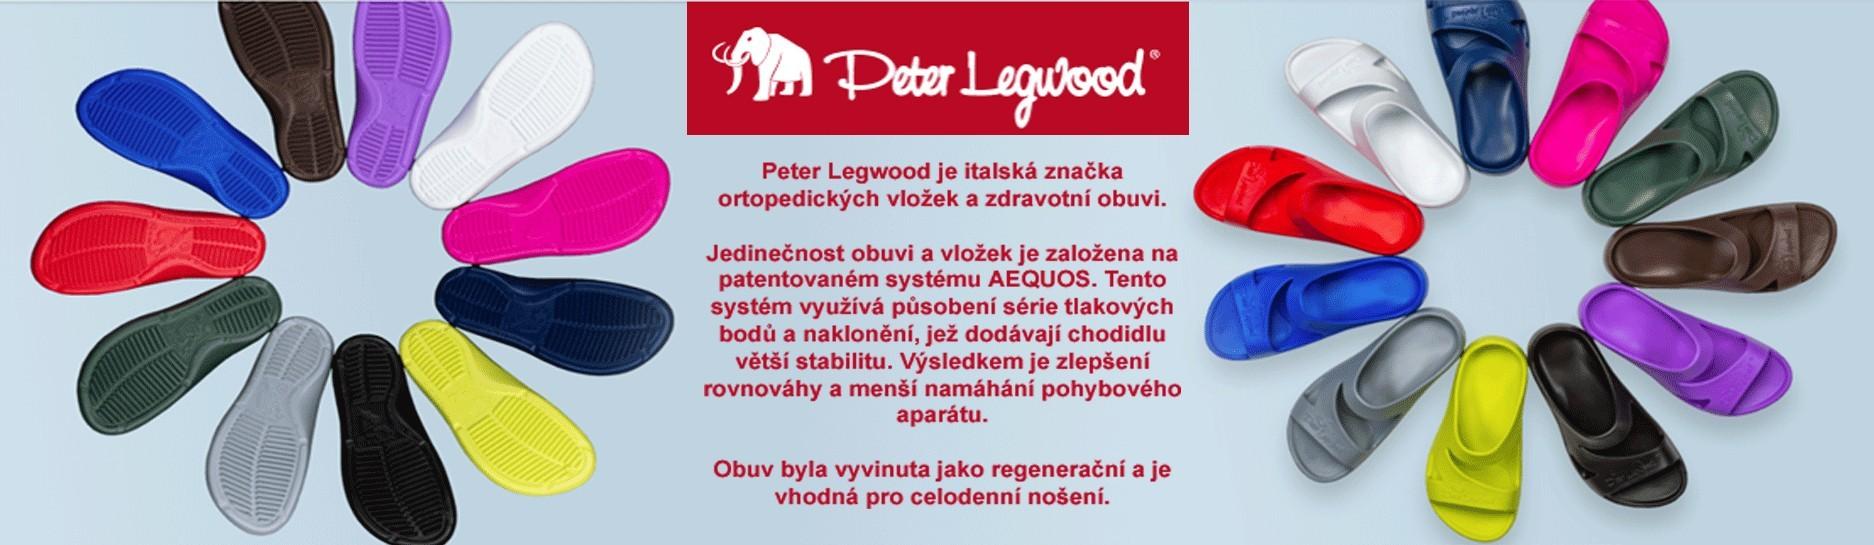 Petr Legwood